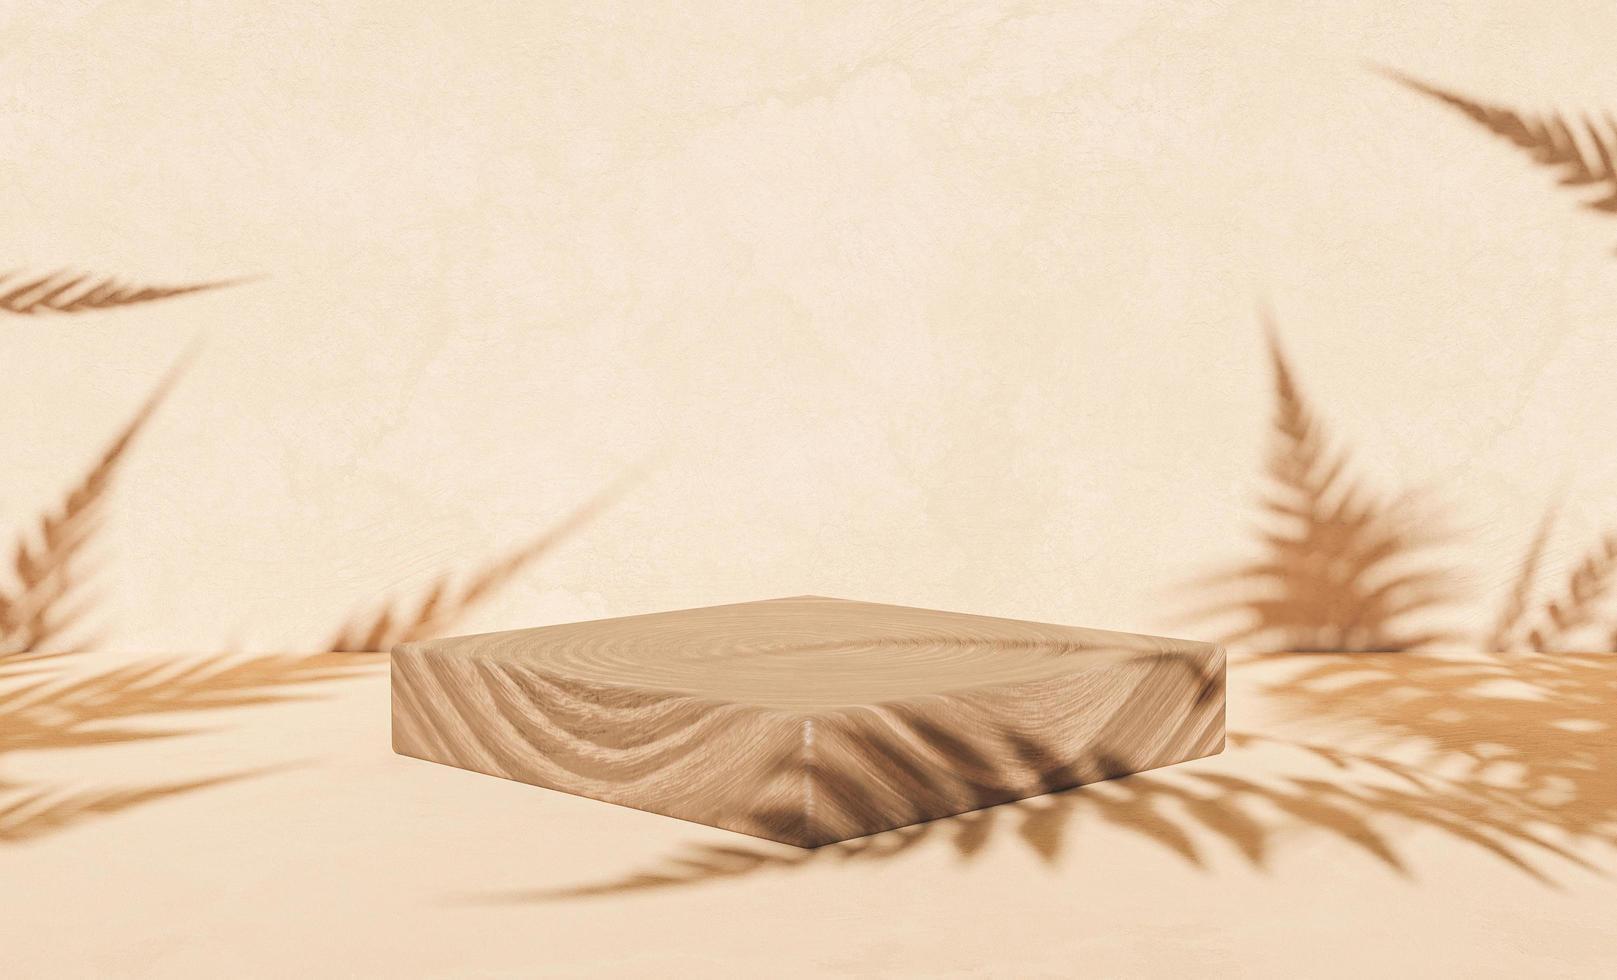 podio in legno per l'esposizione del prodotto con ombre di felce foto